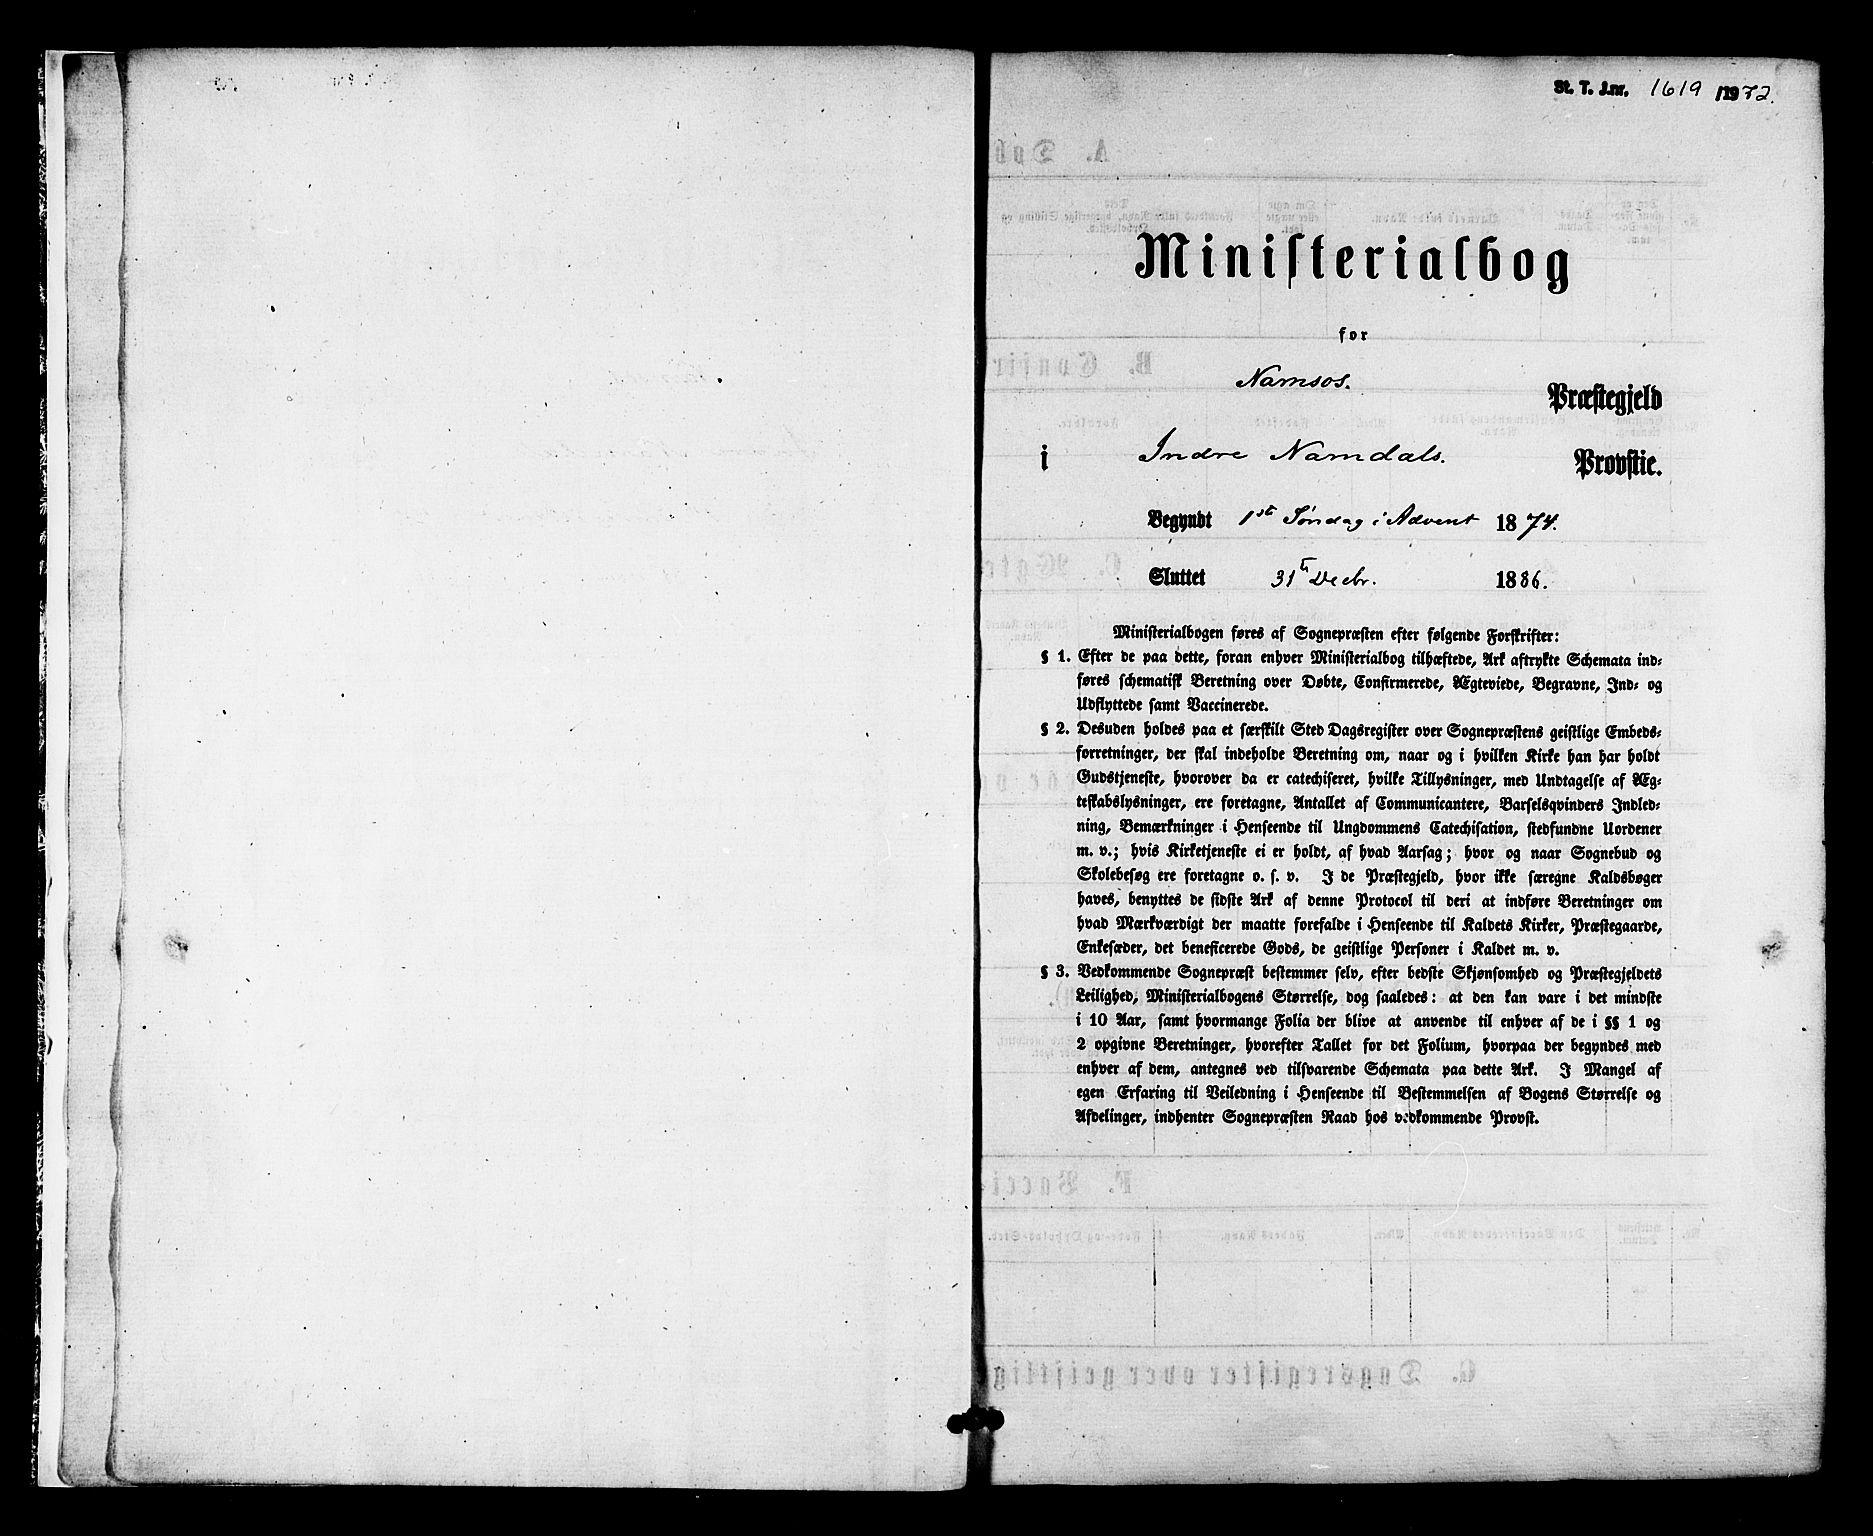 SAT, Ministerialprotokoller, klokkerbøker og fødselsregistre - Nord-Trøndelag, 768/L0572: Ministerialbok nr. 768A07, 1874-1886